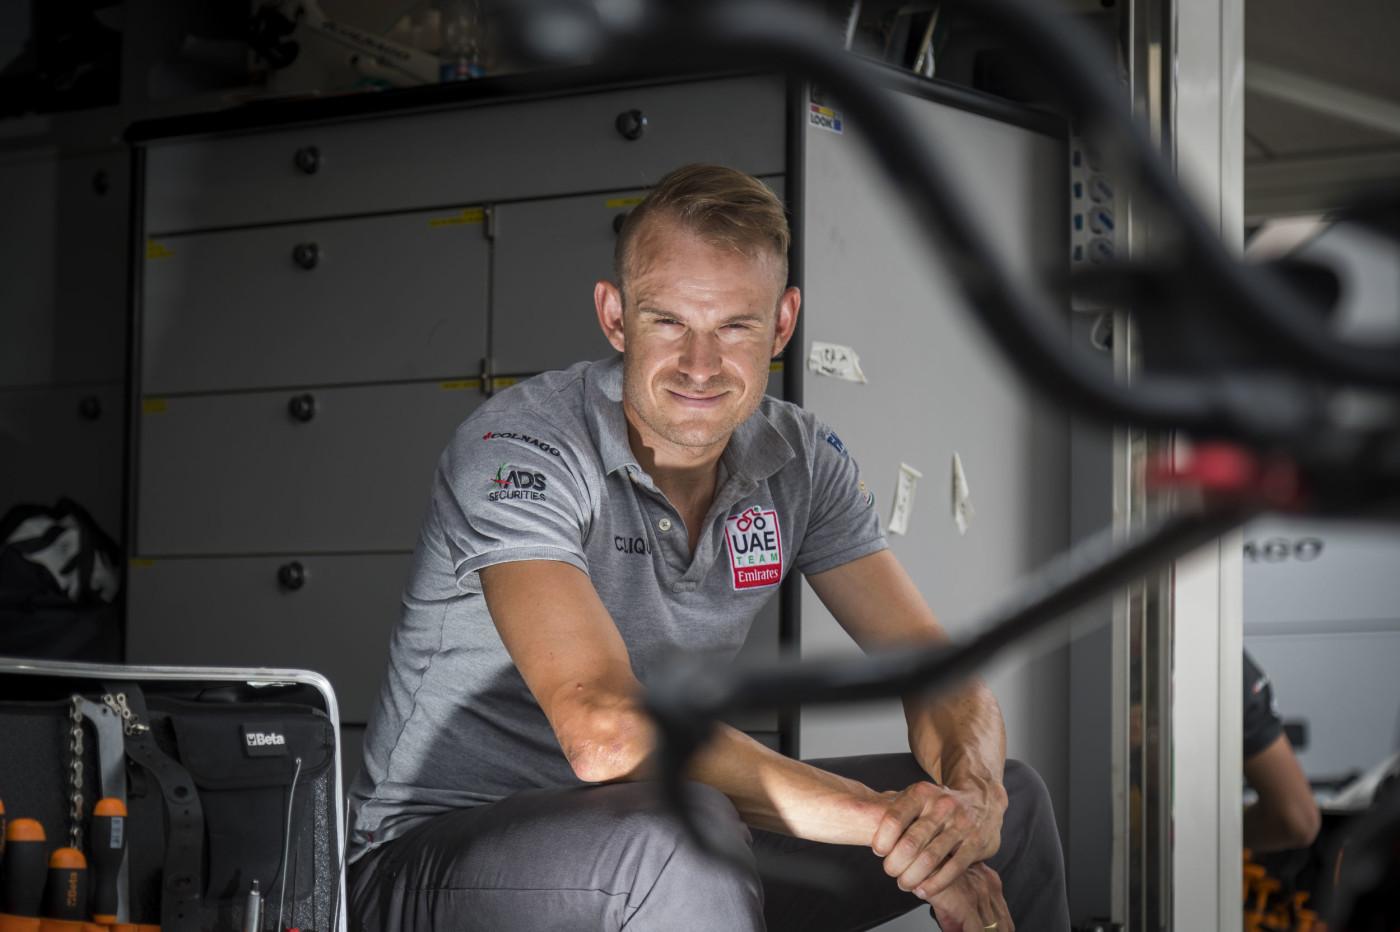 JAKTER NY TRIUMF: Alexander Kristoff tok sin forrige etappeseier i Tour de France i 2014. Nå vil han vinne igjen. Foto: Heiko Junge / NTB scanpix